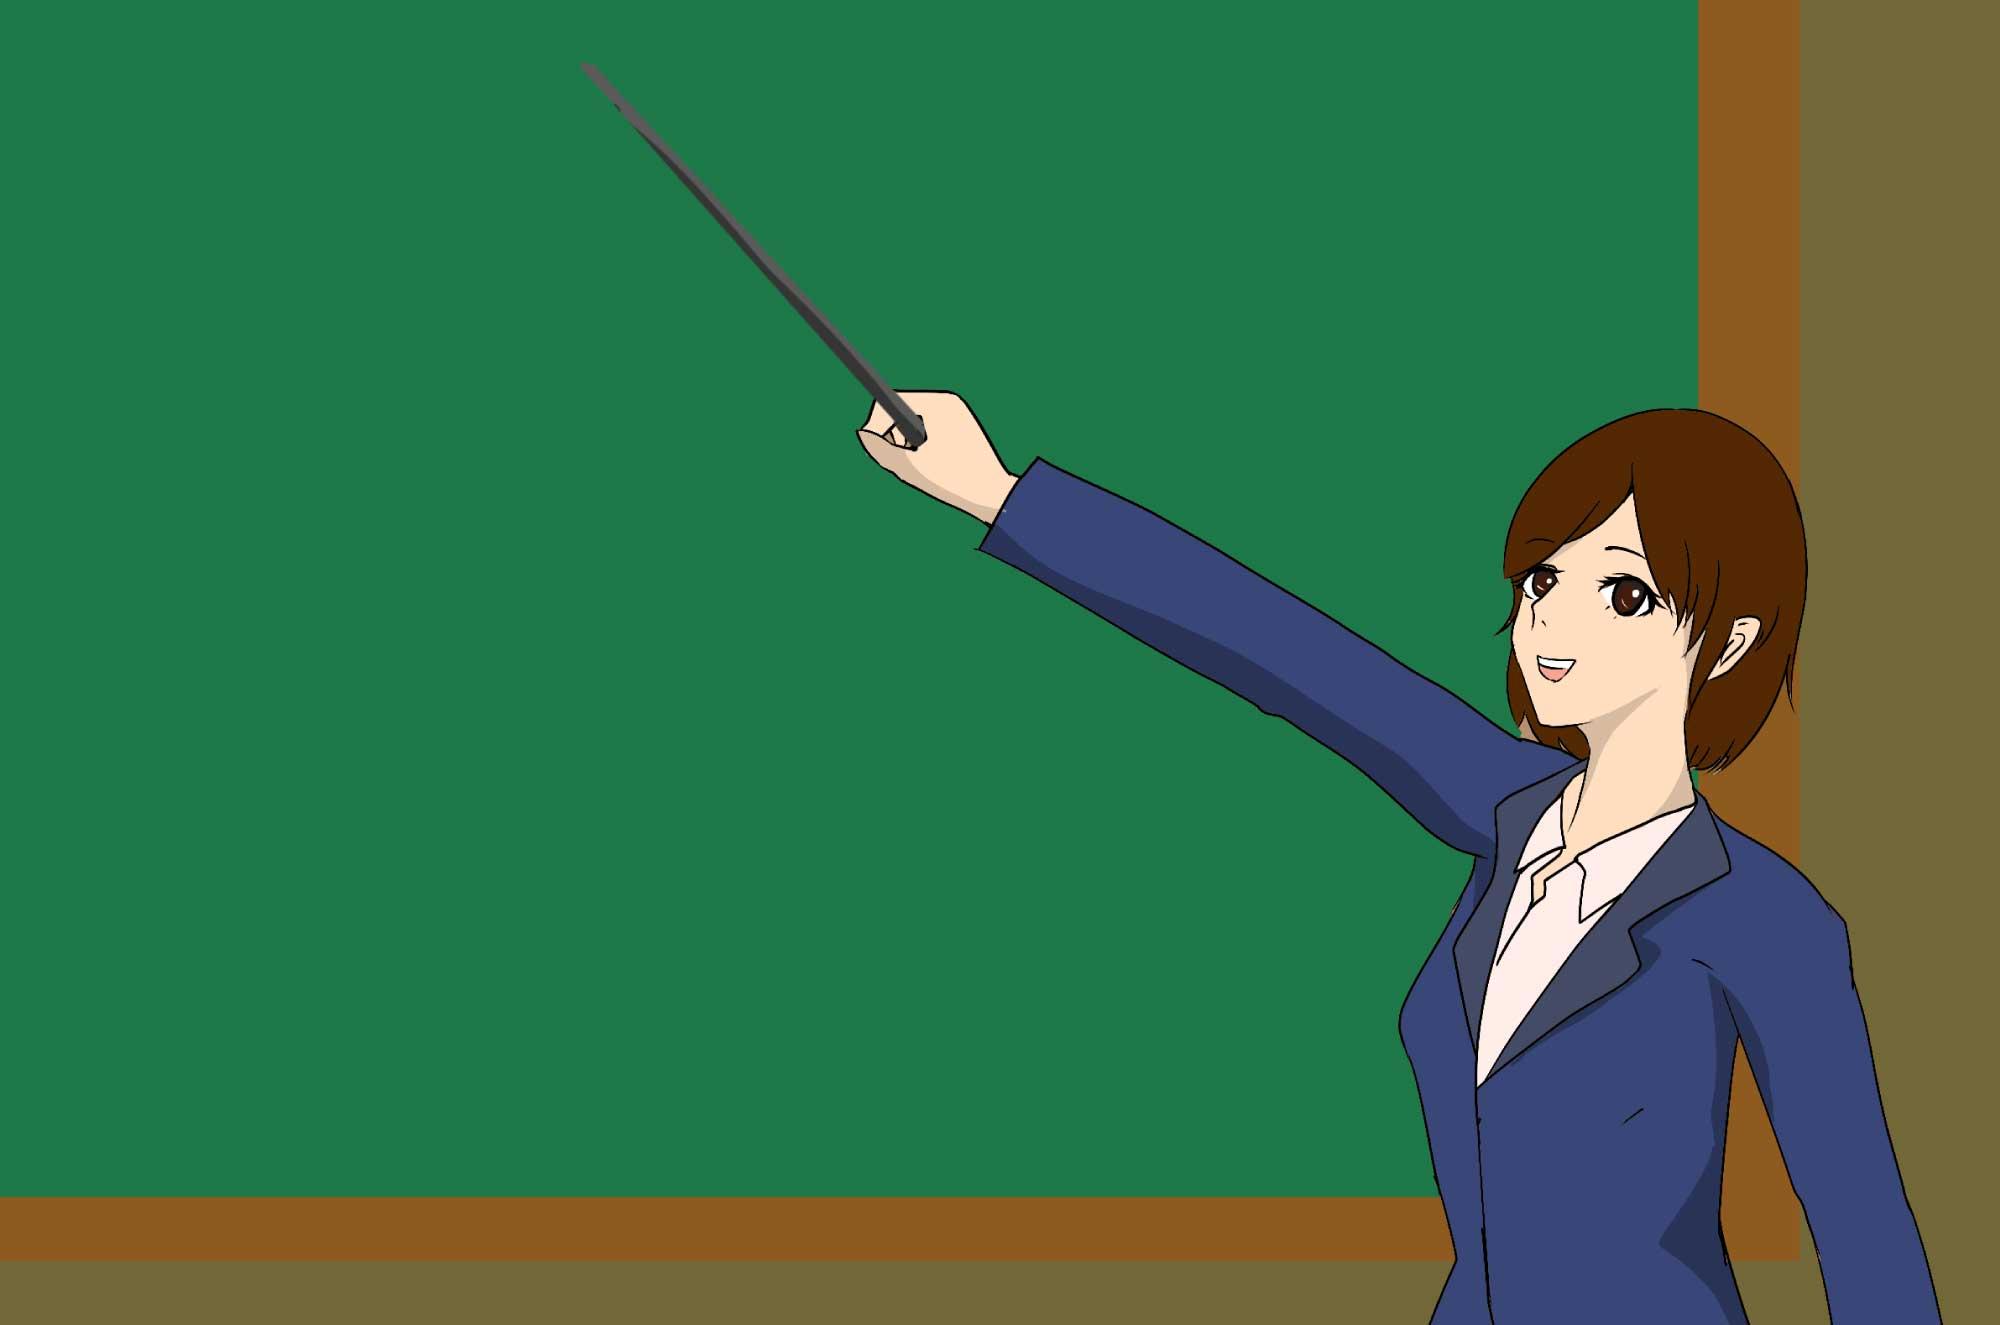 教師(先生)のイラスト - 学校の黒板で説明シーン素材